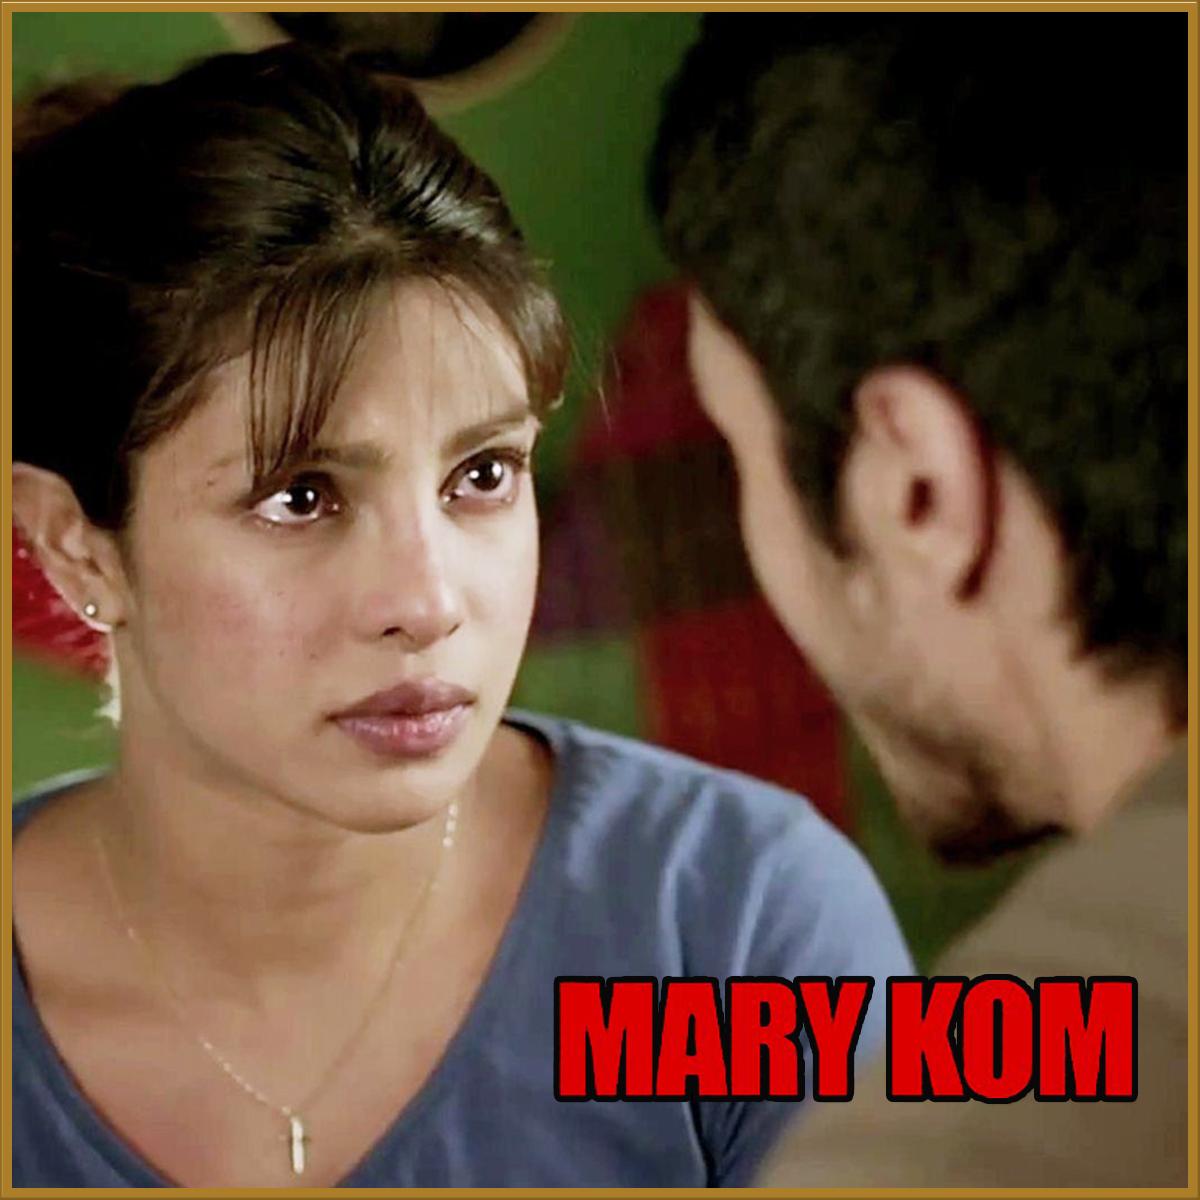 Mary Kom Movie Mp3 Songs Download Andare Al Cinema In Gravidanza